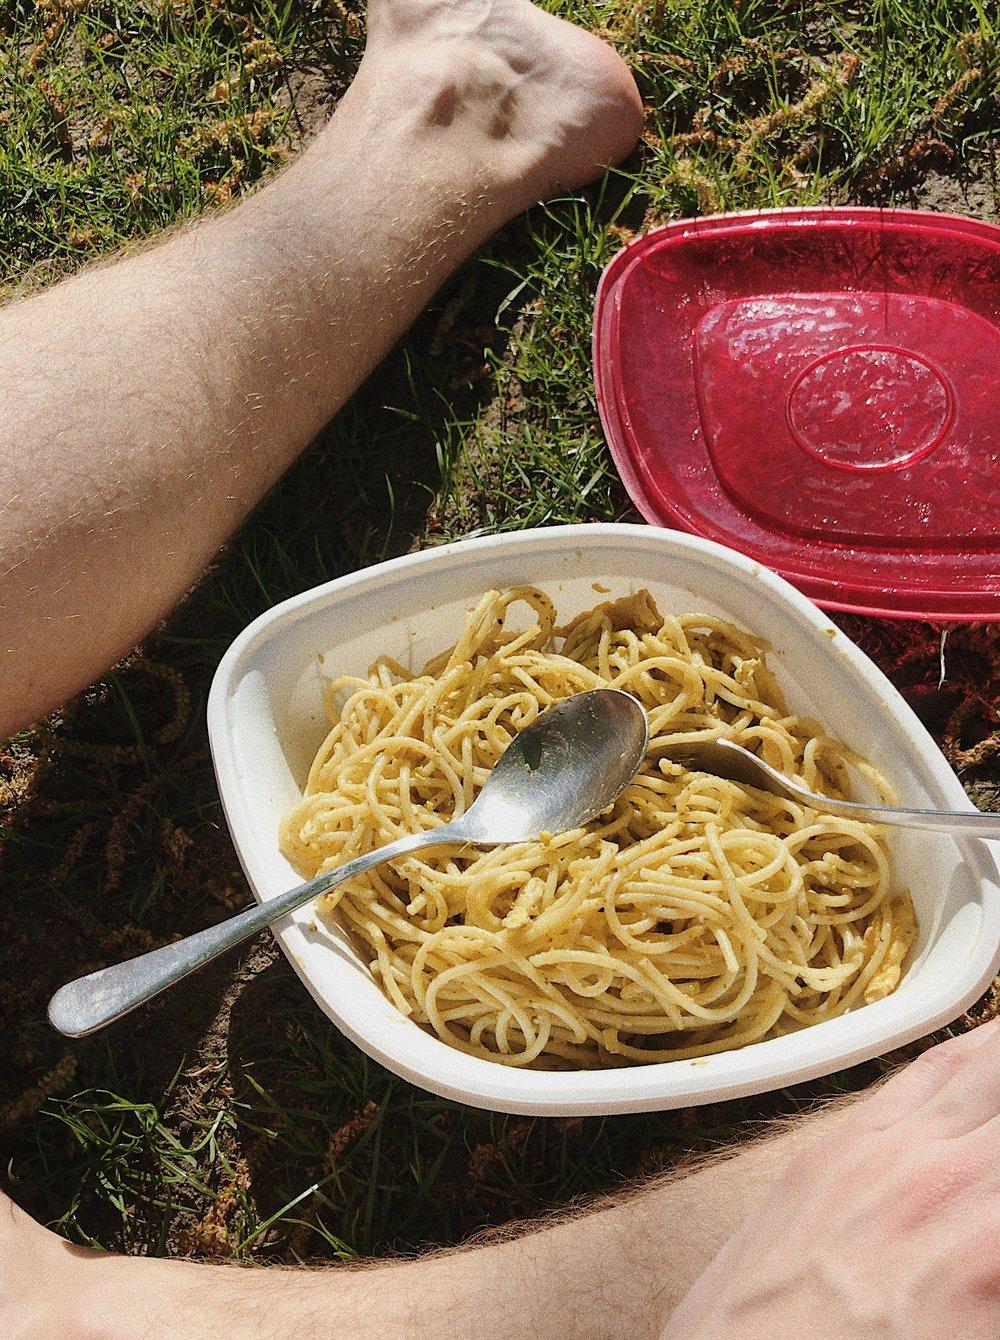 Pasta Pesto mit Rührei, selber gemacht, aber in einer Dose von Vapiano :D